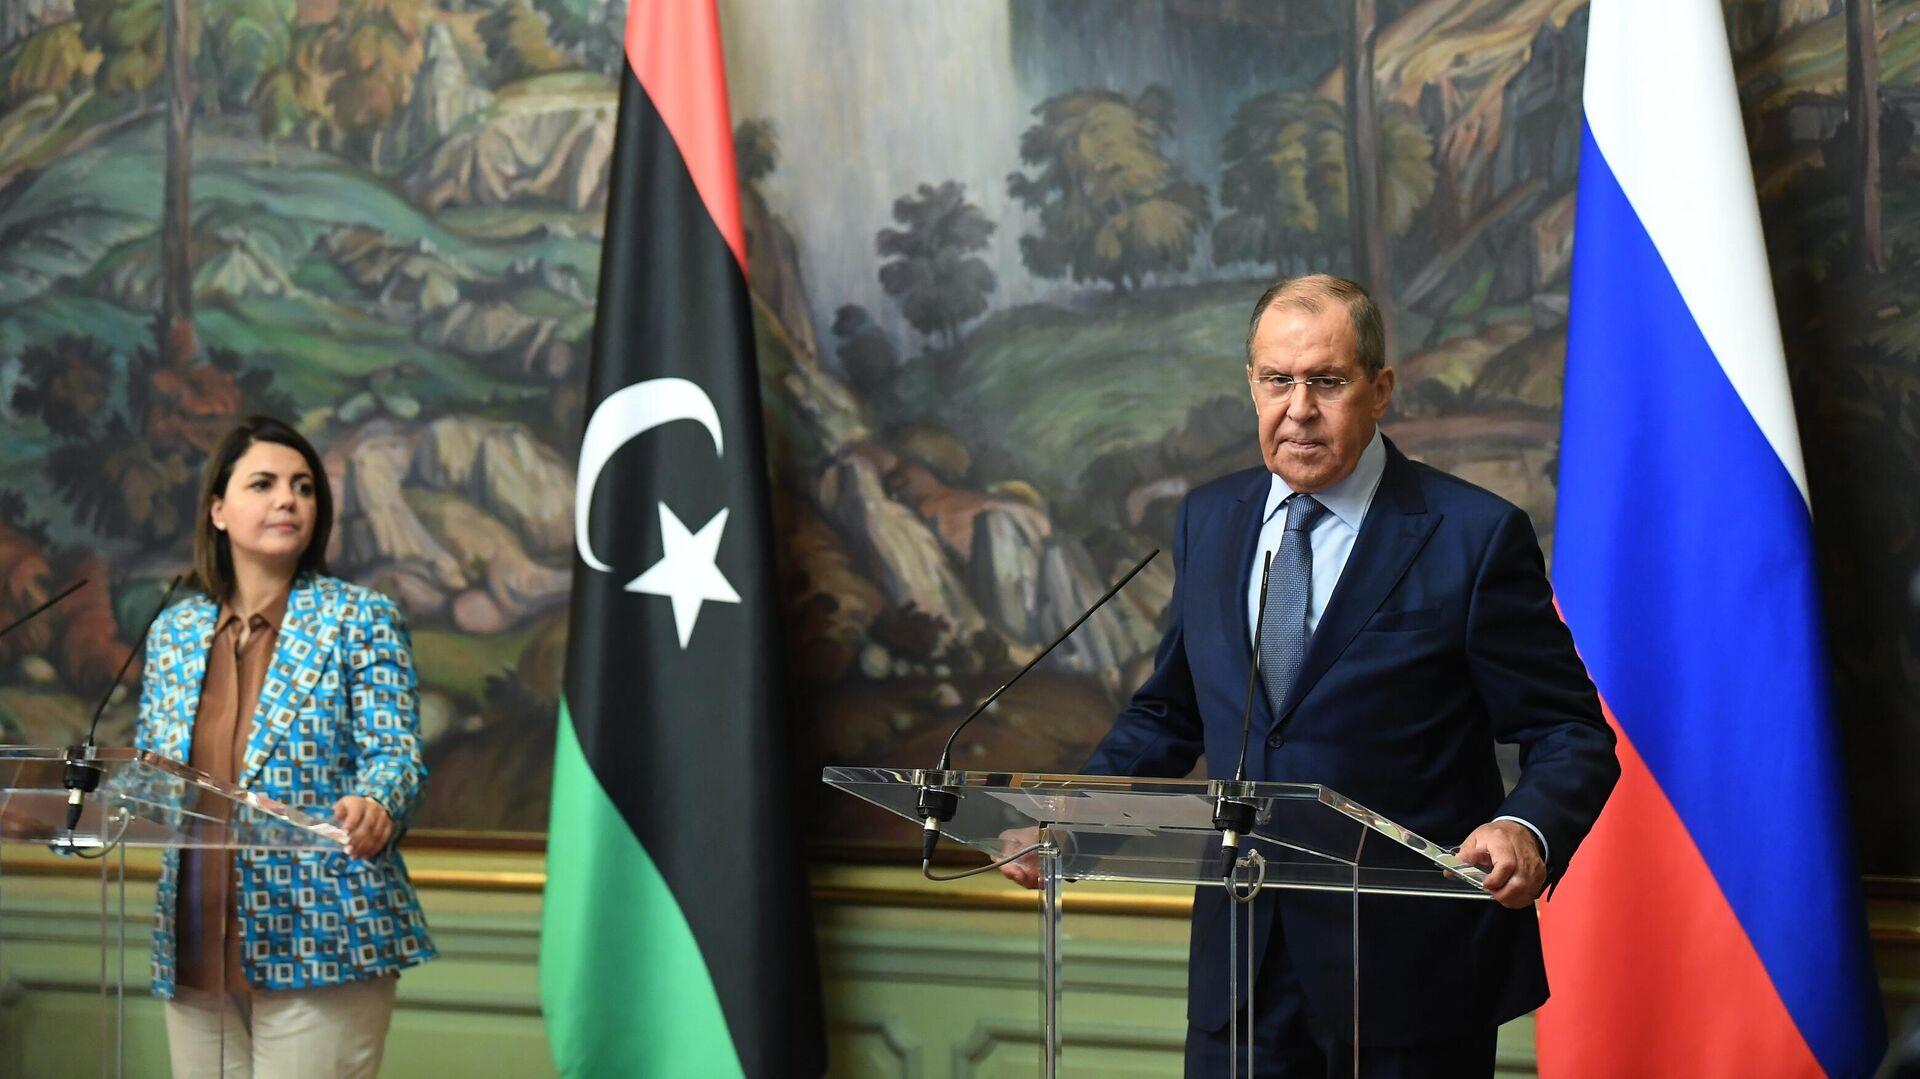 El canciller ruso, Serguéi Lavrov, se reúne con la canciller del Gobierno de Unidad Nacional de Libia, Najla Mangush, en Moscú  - Sputnik Mundo, 1920, 19.08.2021